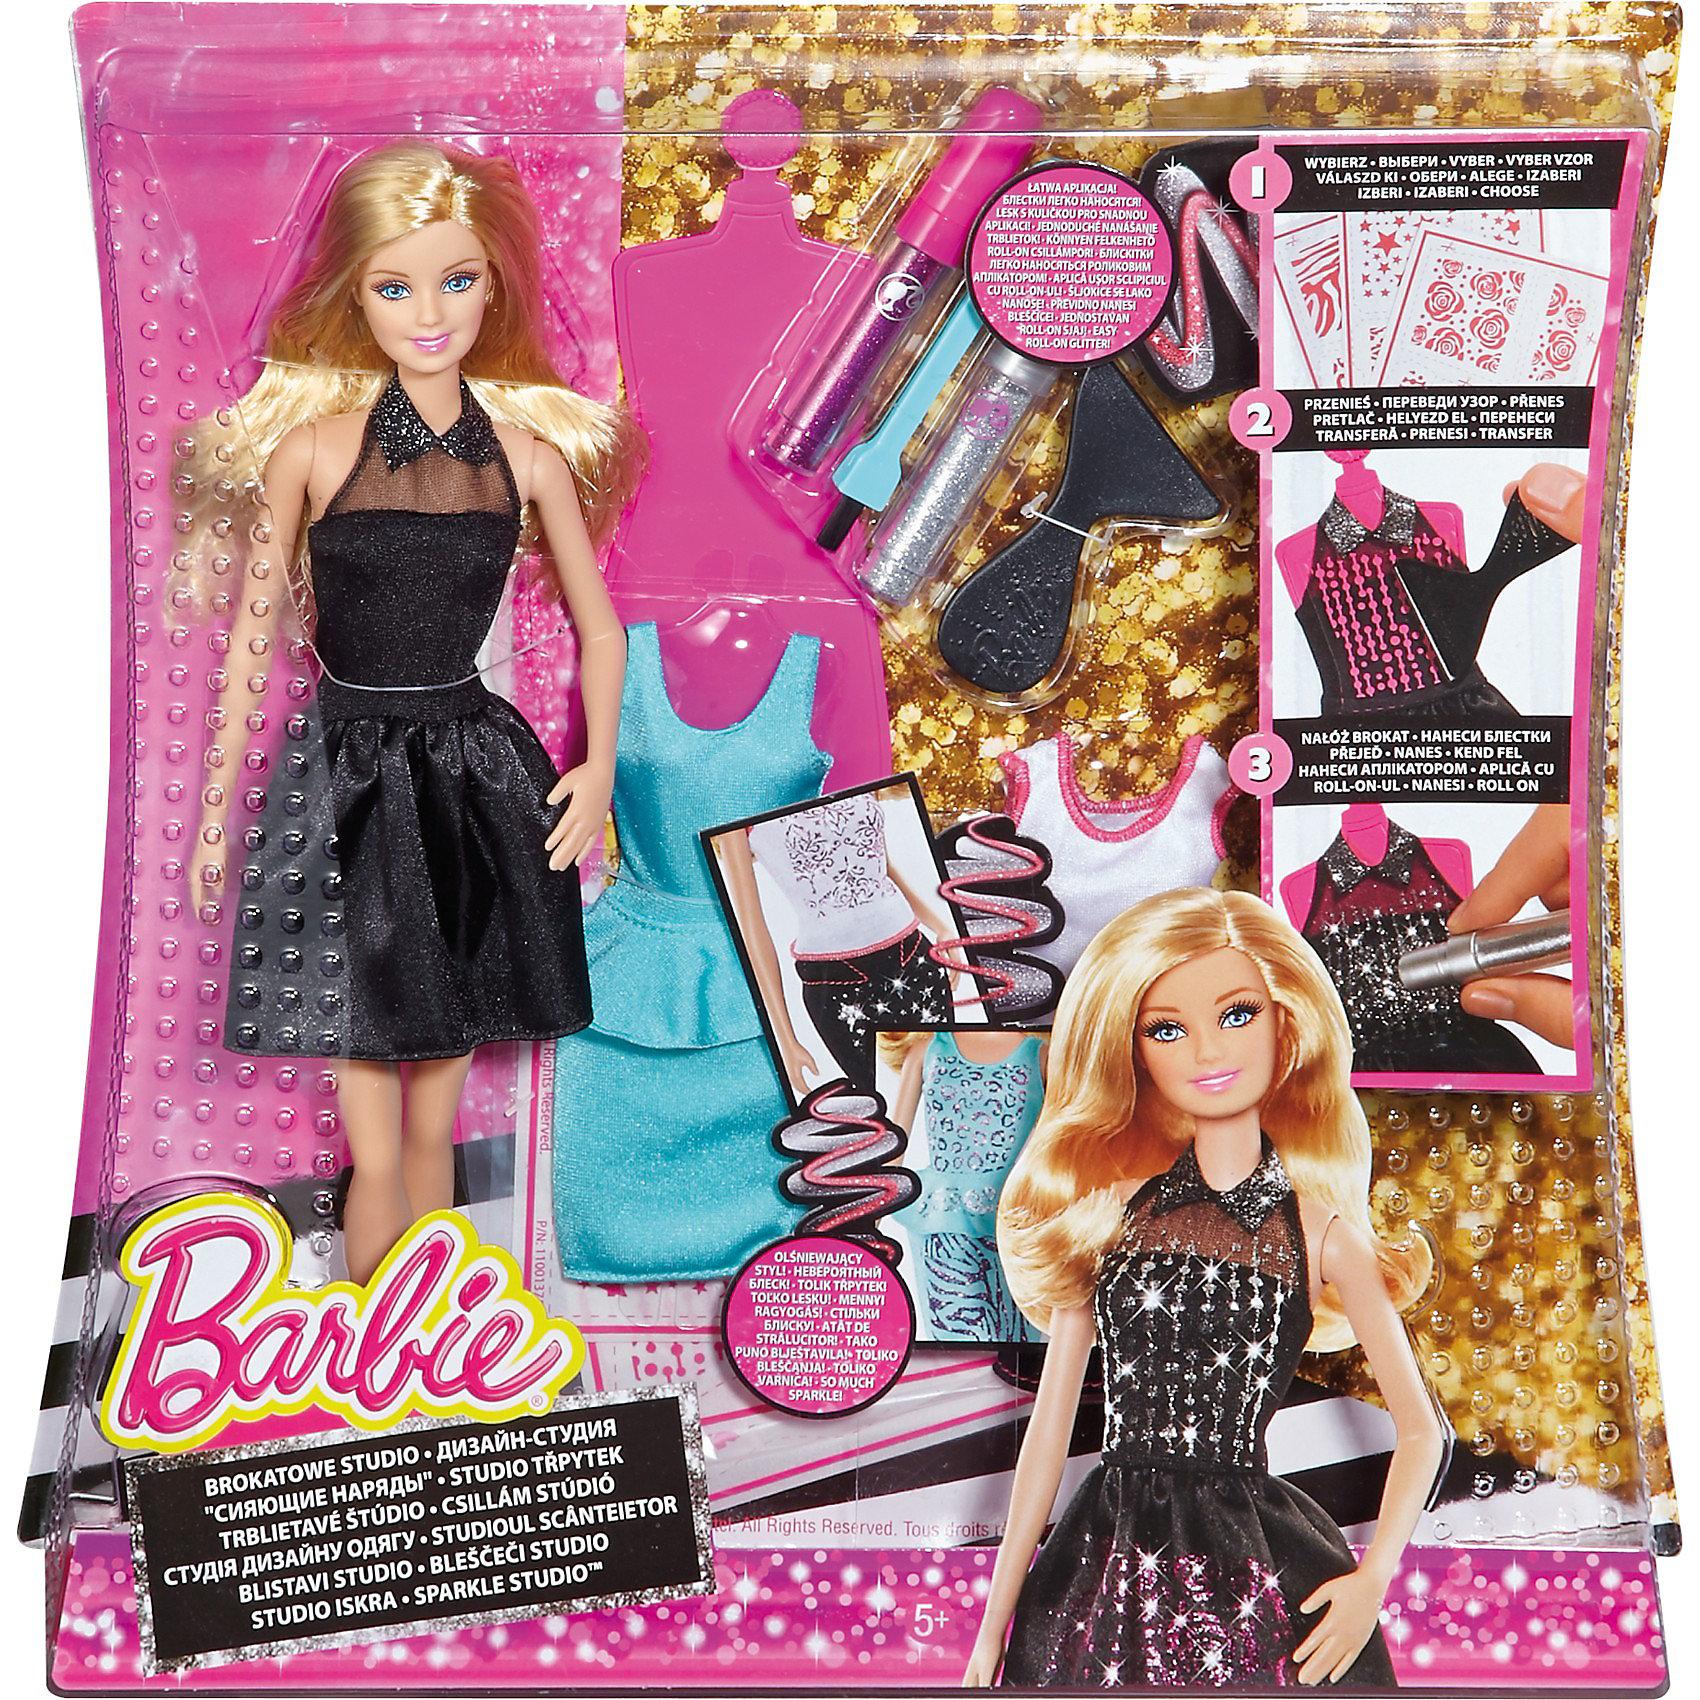 Модная студия для создания сияющих нарядов, BarbieМодная студия для создания сияющих нарядов, Barbie - увлекательный игровой набор, который порадует всех юных модниц и даст им возможность попробовать себя в роли дизайнера. В комплект входят детали для создания пяти модных нарядов: белая футболка с розовой отделкой, юбка-карандаш, синий топ, синяя юбка с баской и  очаровательное черное платье с пышной юбкой и блестящим воротником.<br><br>Используя входящие в набор инструменты Вы сможете украсить наряды сверкающими блестками и принтами согласно своей фантазии. На трех листах наклеек представлены разнообразные варианты принтов для создания неповторимых нарядов: здесь и розочки, и звездочки и животные узоры. С помощью специального клея узоры легко и просто наносятся на детали одежды. Многоразовые фломастеры с блеском помогут придать нарядам куклы розовый или серебряный блеск.<br><br>В комплект входят инструменты, необходимые для создания уникальных нарядов путем выполнения трех простых шагов:<br>- Выбирай рисунок и наряд - в набор входит одно платье, две блузки и две юбки!<br>- Чтобы нанести рисунок на наряд, используй входящий в комплект инструмент, чтобы приклеить клейкую бумагу к ткани - в комплект входят три разных узора! <br>- Сними защитный бумажный слой и используй одну из ручек с блеском для многоразового использования, чтобы покрыть рисунок розовым или серебристым блеском. <br>- Используй щеточку для удаления излишнего блеска, и потрясающий блестящий наряд готов!<br><br>Дополнительная информация:<br><br>- В комплекте: кукла Барби в платье и туфлях, две рубашки, две юбочки, один инструмент для полировки, одна щетка с щетиной, три листа наклеек, два фломастера (серебряный и   розовый), форма для платья. <br>- Материал: пластик, текстиль.<br>- Размер упаковки: 6 х 25,5 х 32,5 см.<br><br>Игровой набор Модная студия для создания сияющих нарядов, Barbie (Барби) можно купить в нашем интернет-магазине.<br><br>Ширина мм: 60<br>Глубина мм: 255<br>Высота мм: 325<br>Вес г: